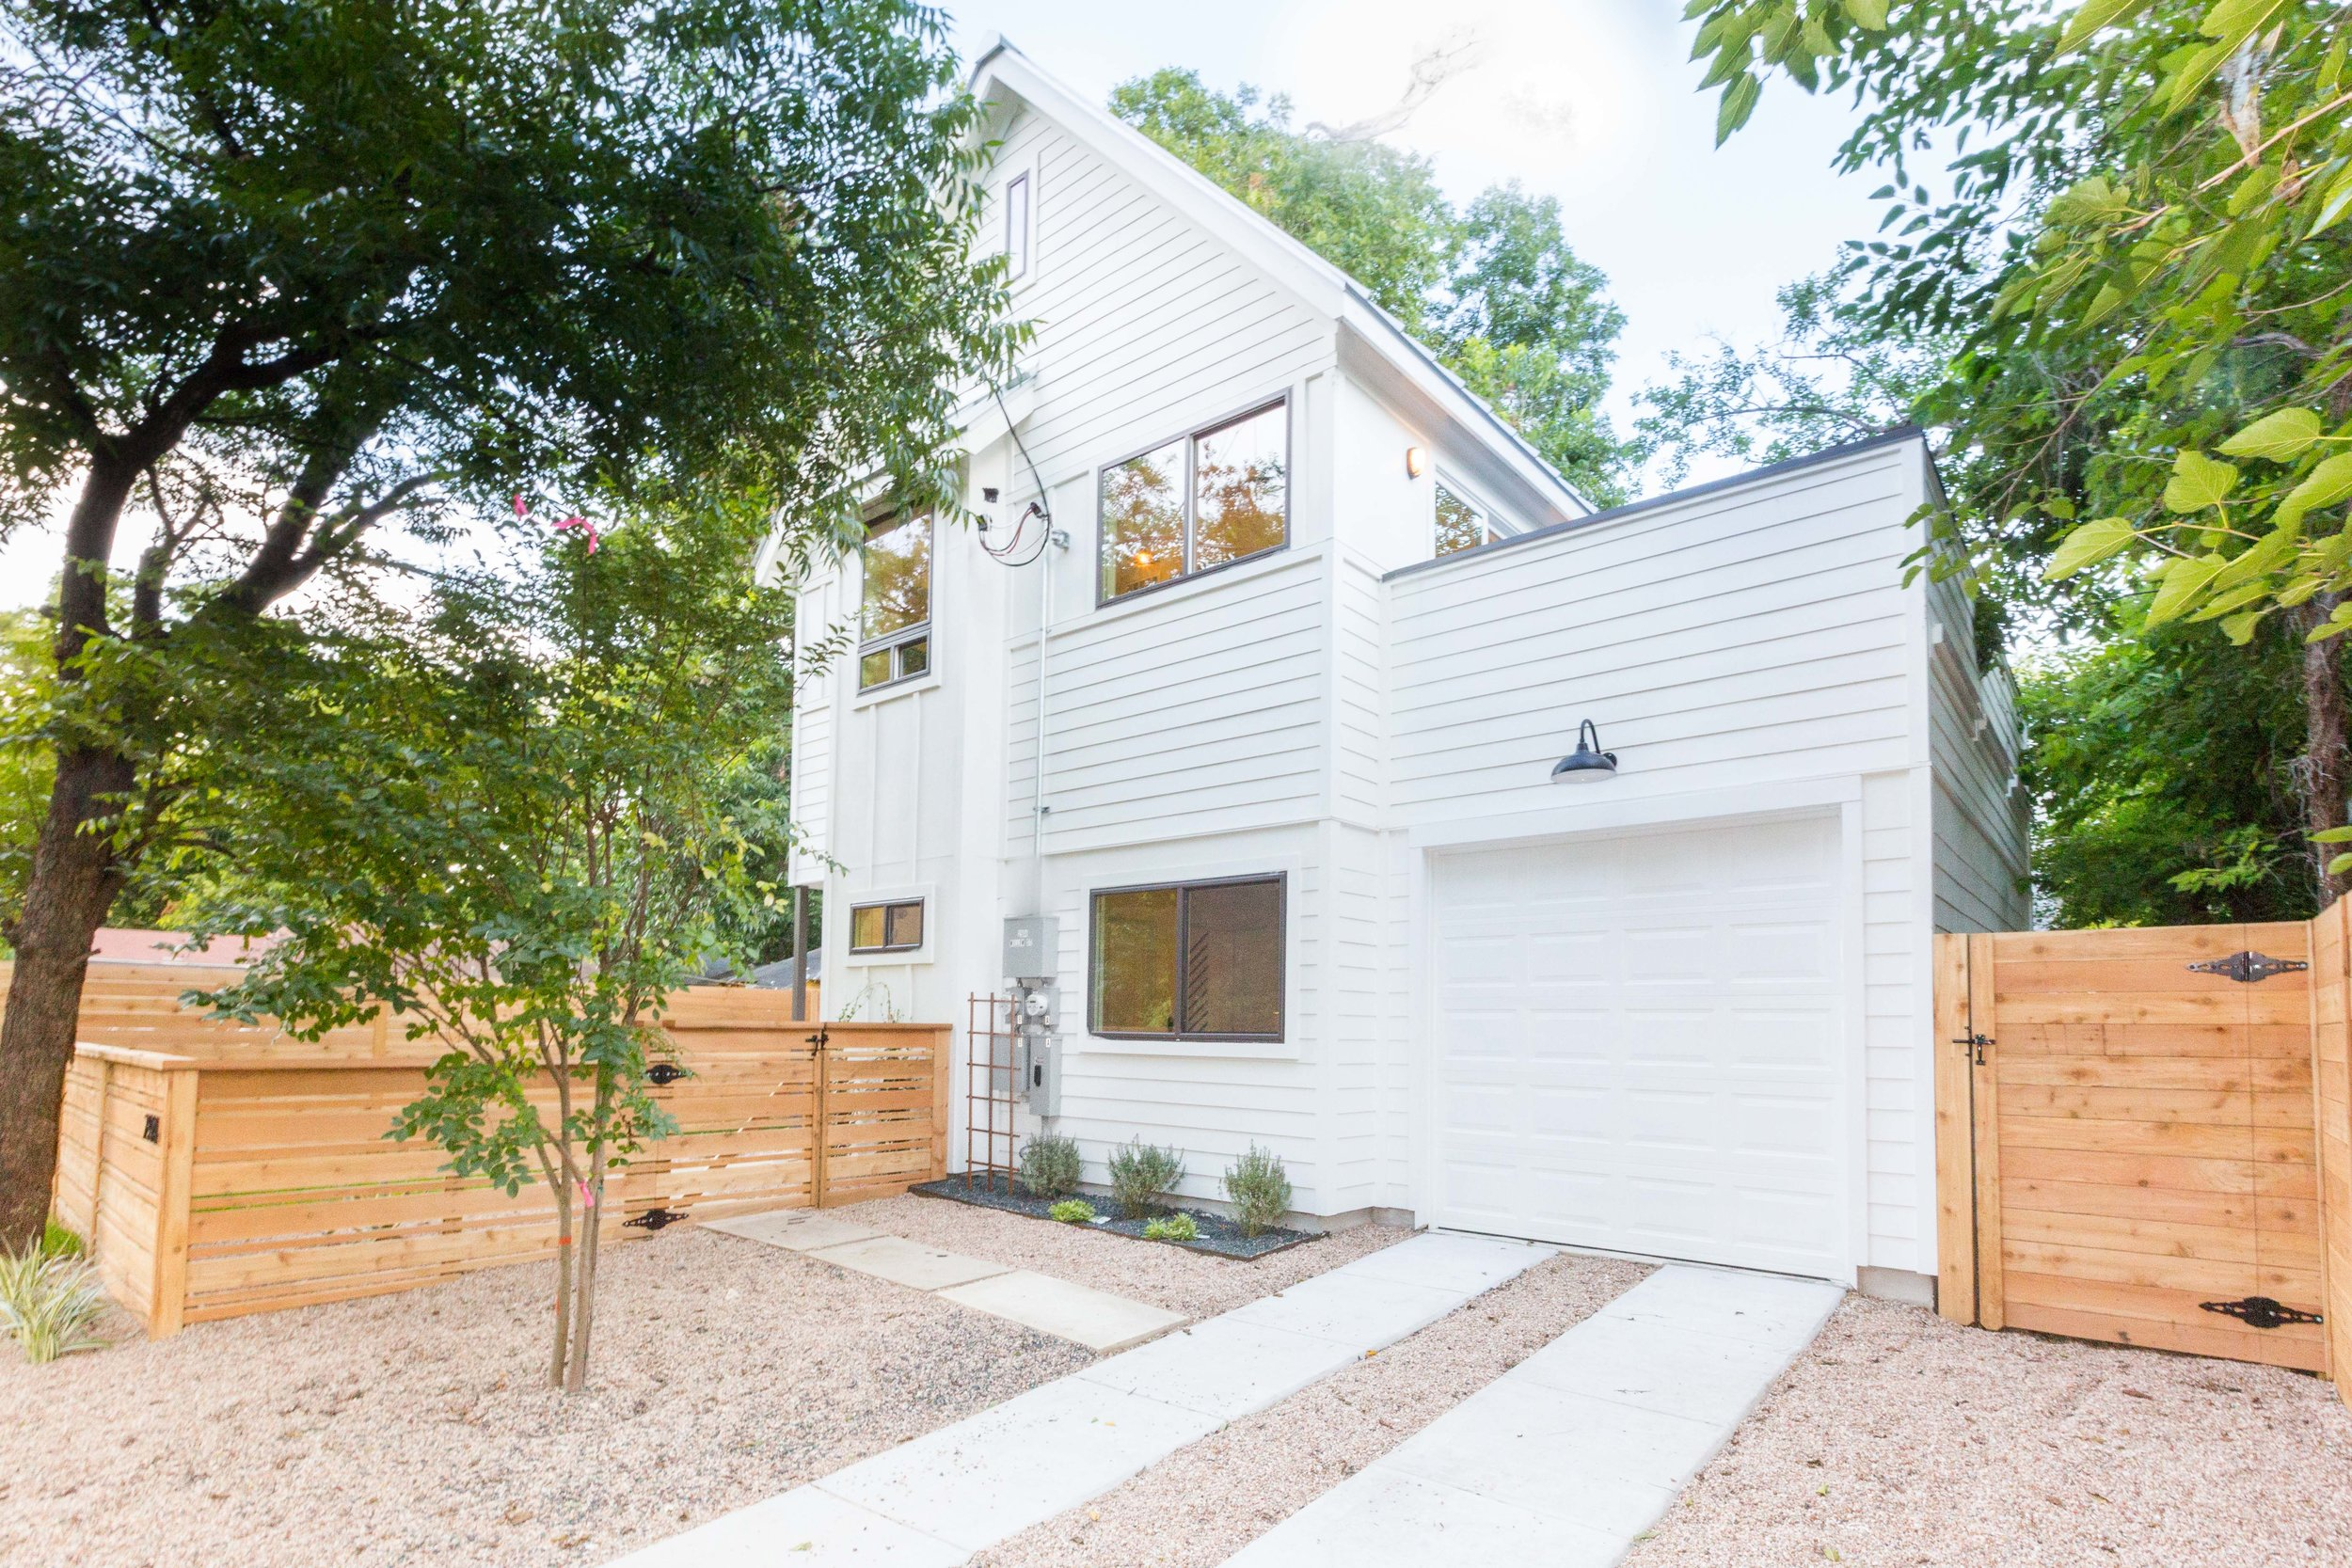 2504_WillowB_-_East_Austin_Alley_House_Modern_Cottage-9657[1].jpg